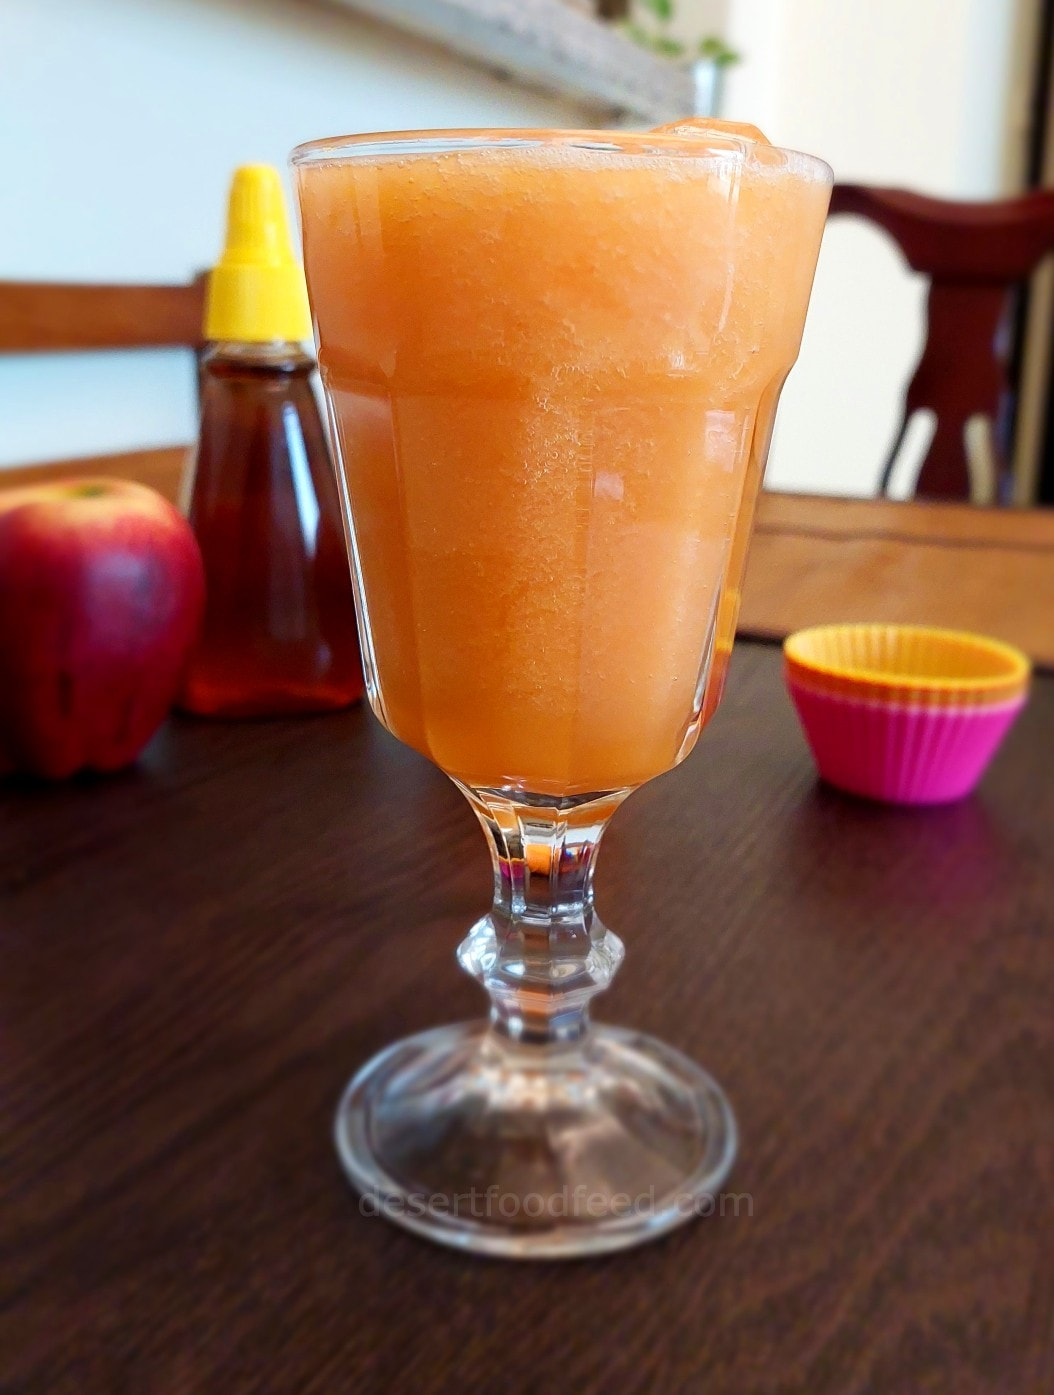 Muskmelon Juice For Glowing Skin